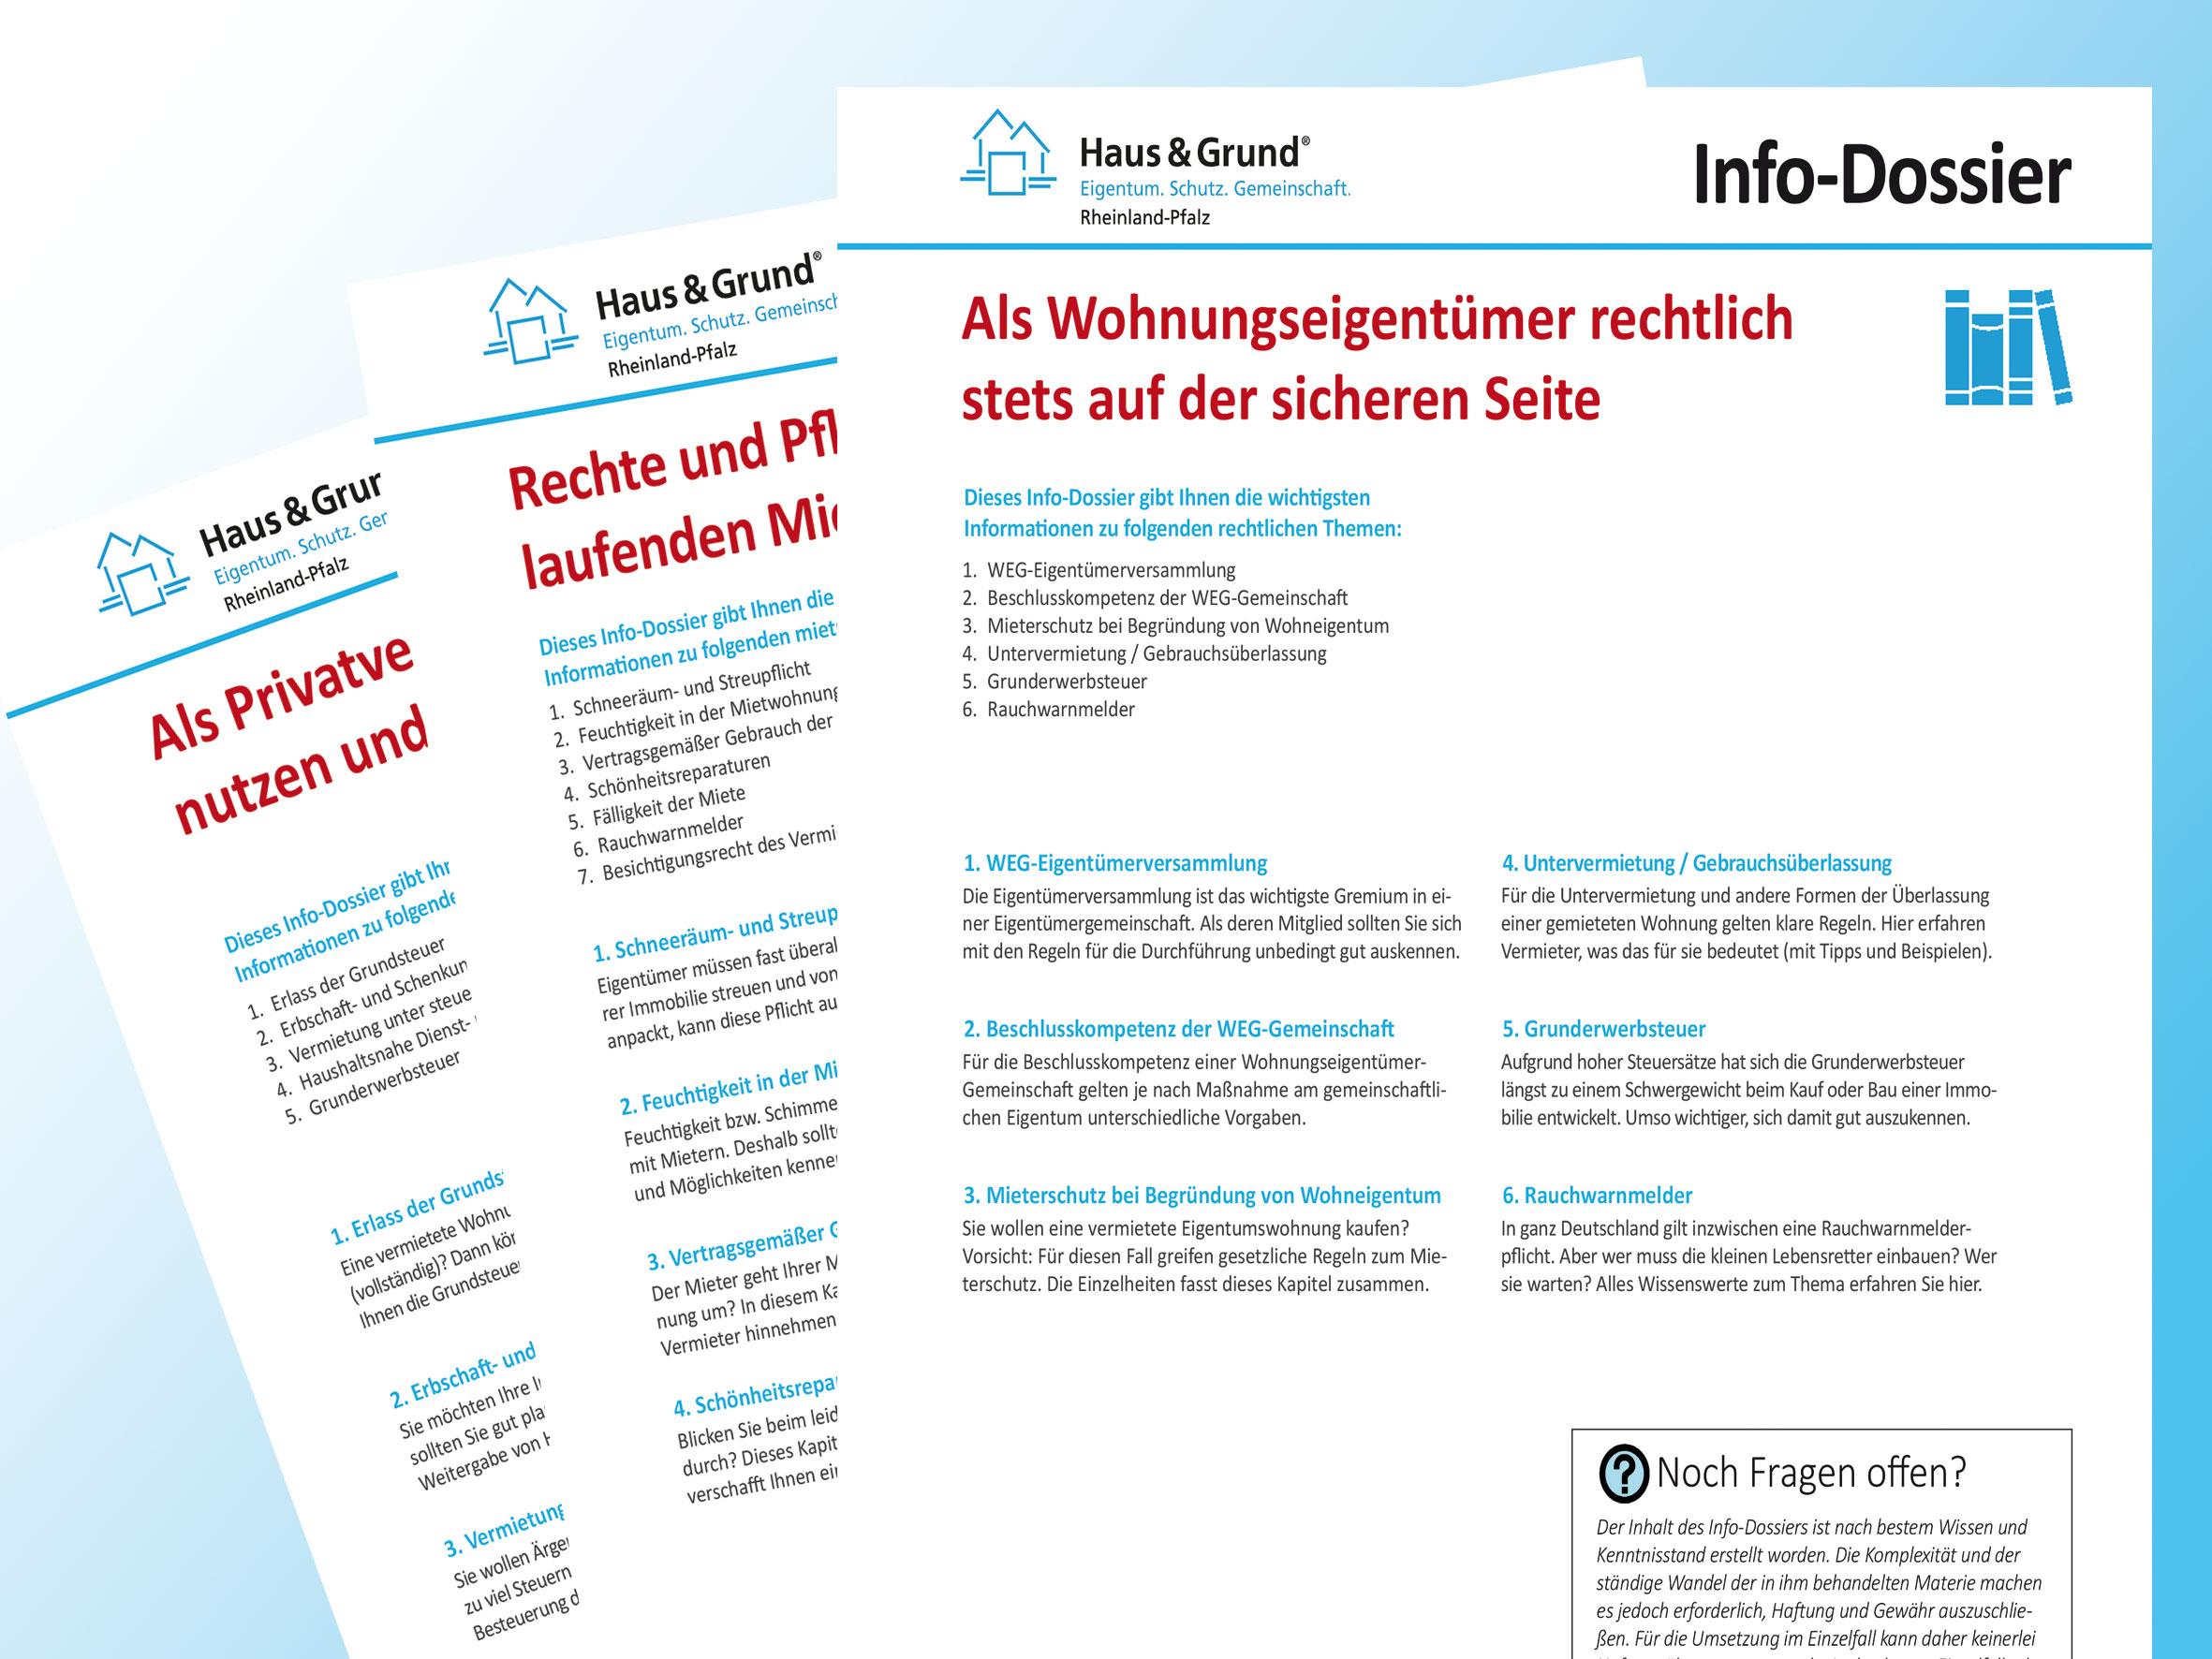 Infos in Dossiers von Haus & Grund: Nützliche Ratgeber rund um die Vermietung der eigenen vier Wände.